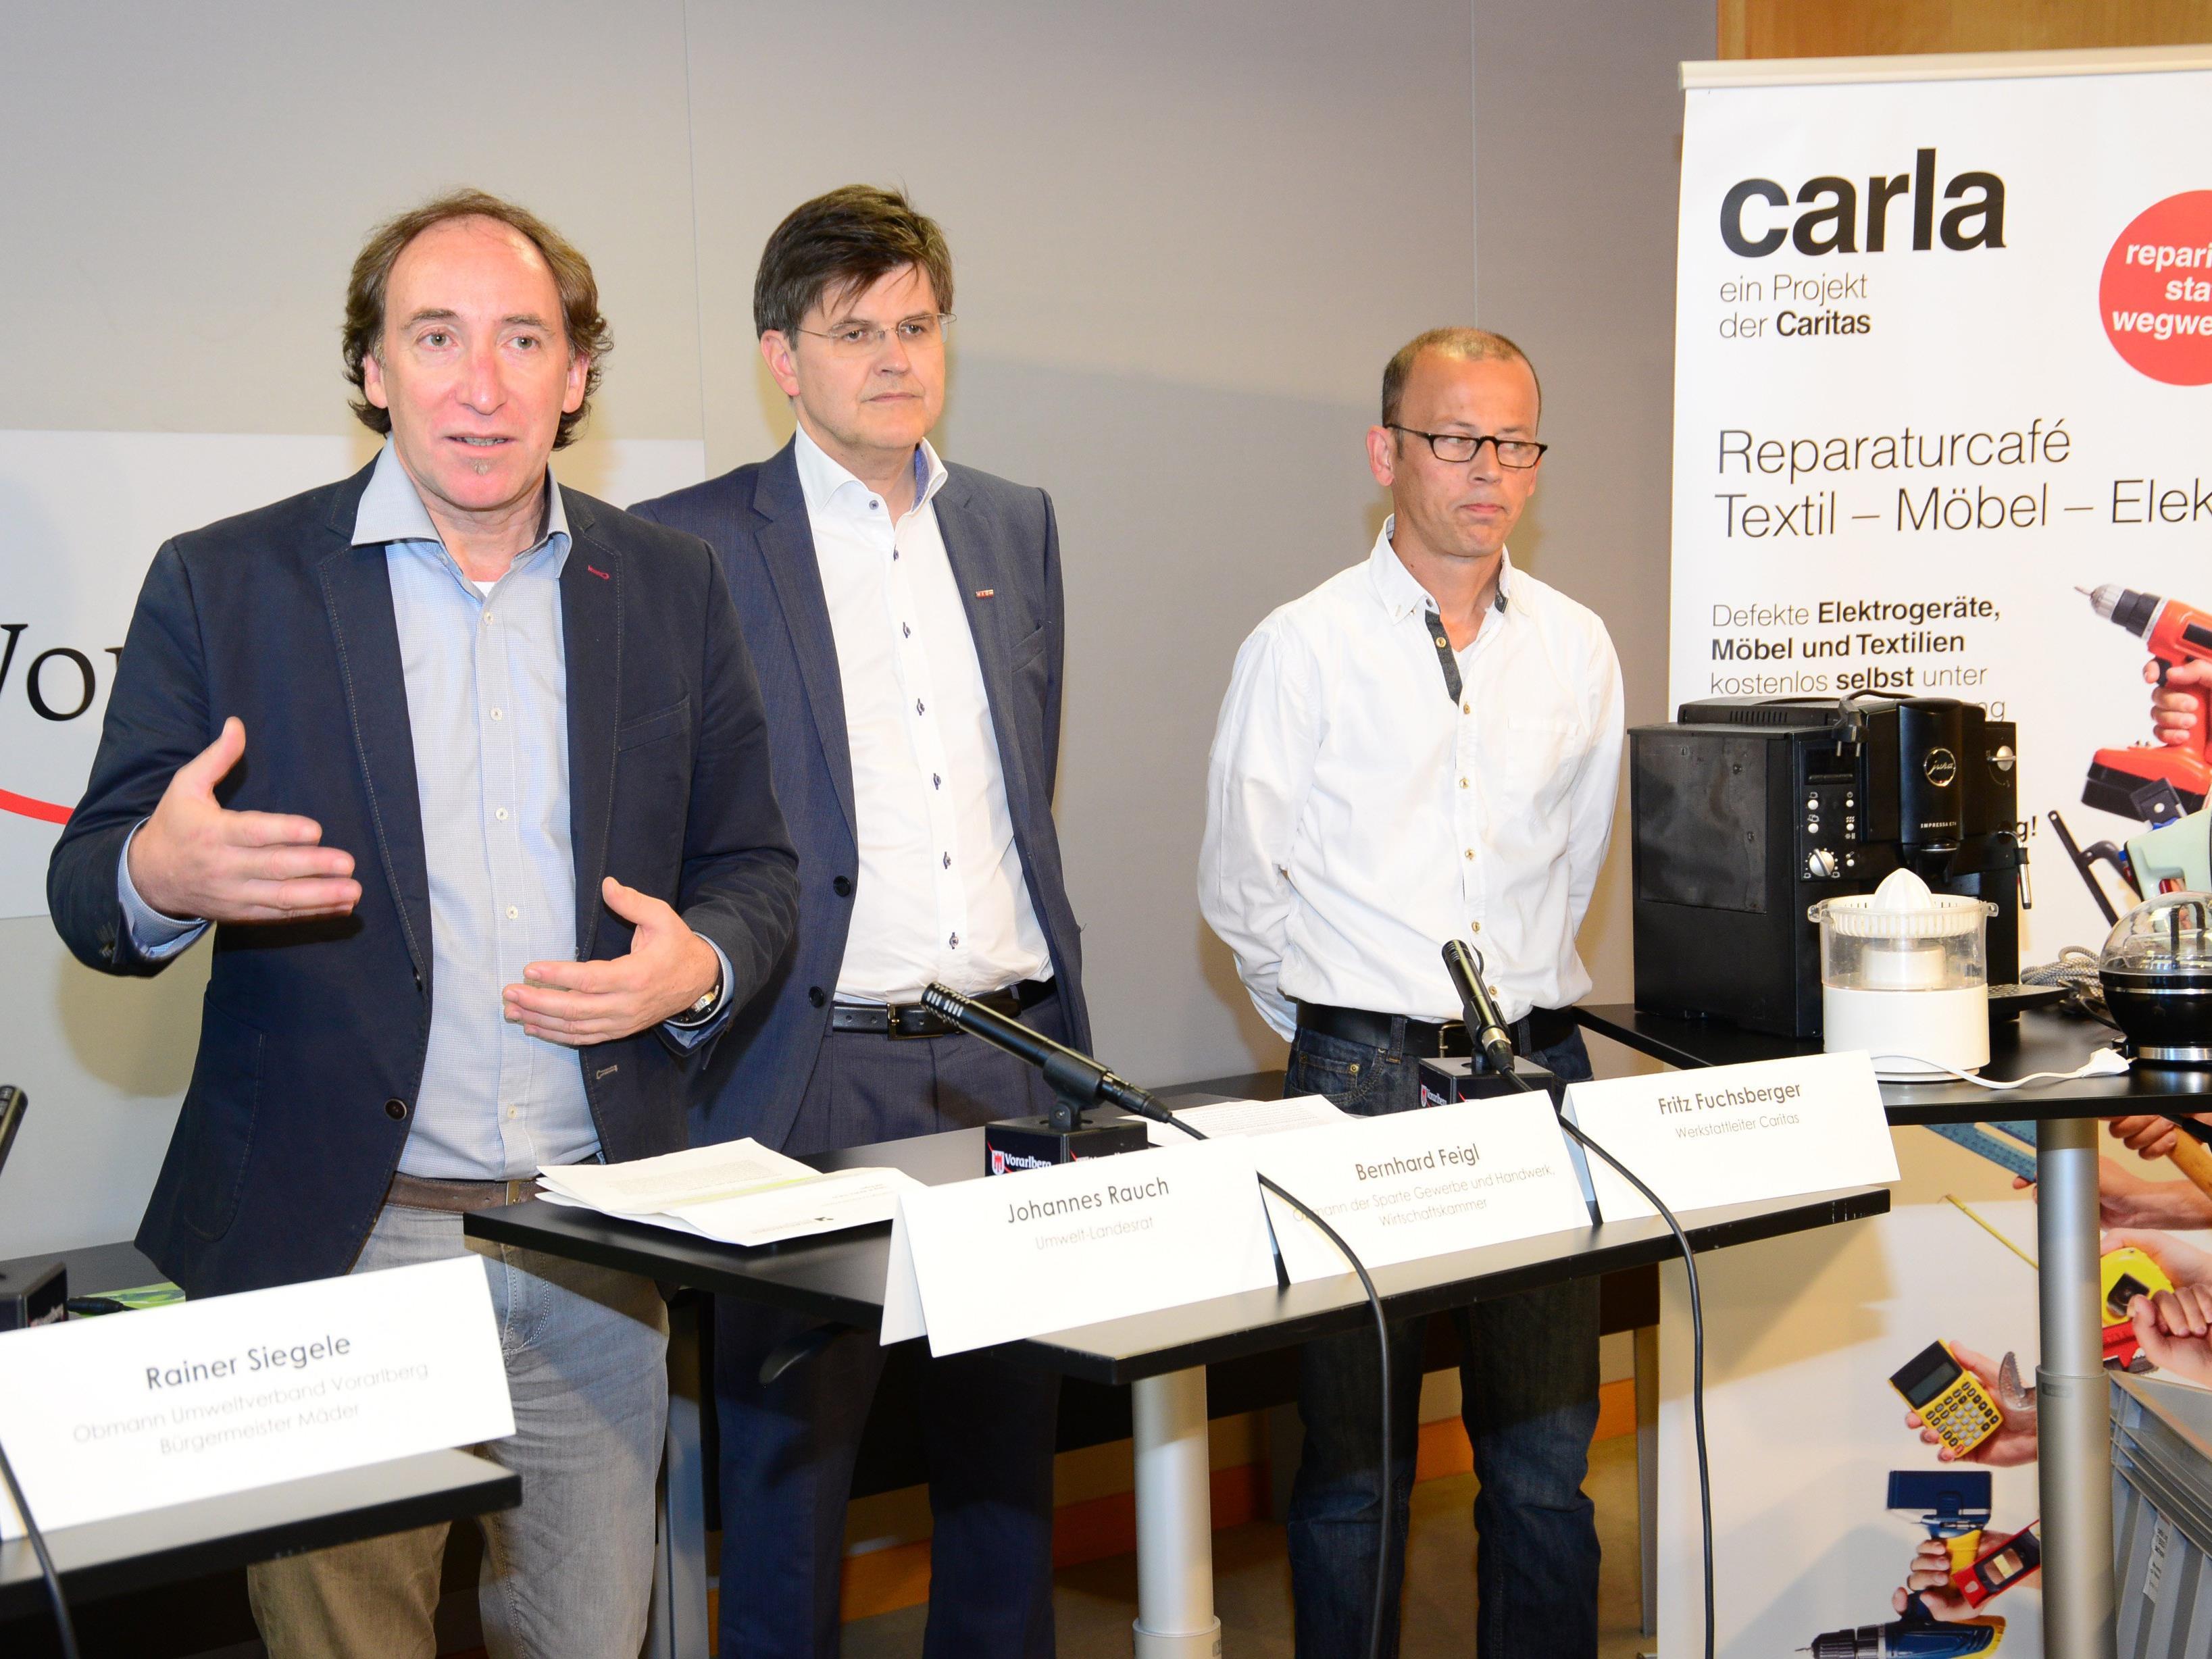 """""""Flicka statt vergraba"""" - Umweltlandesrat Johannes Rauch präsentierte die Möglichkeiten zur Wieder- und Weiterverwendung von Elektrogeräten in Vorarlberg."""